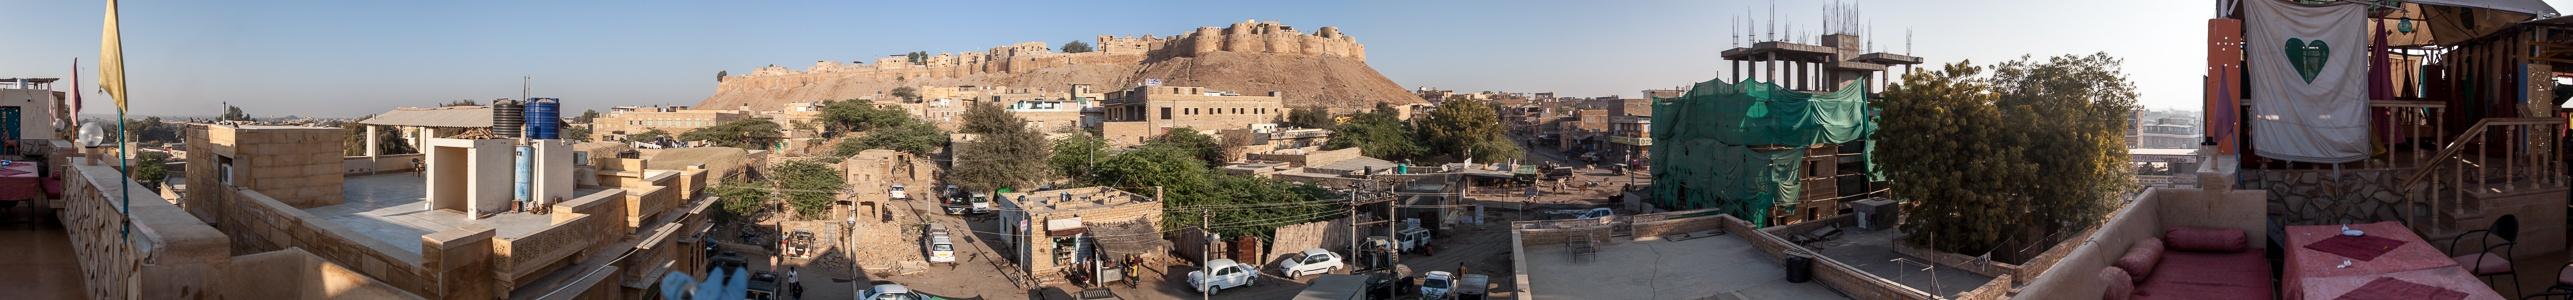 Blick von The Royale Hotel: Jaisalmer Fort und Altstadt